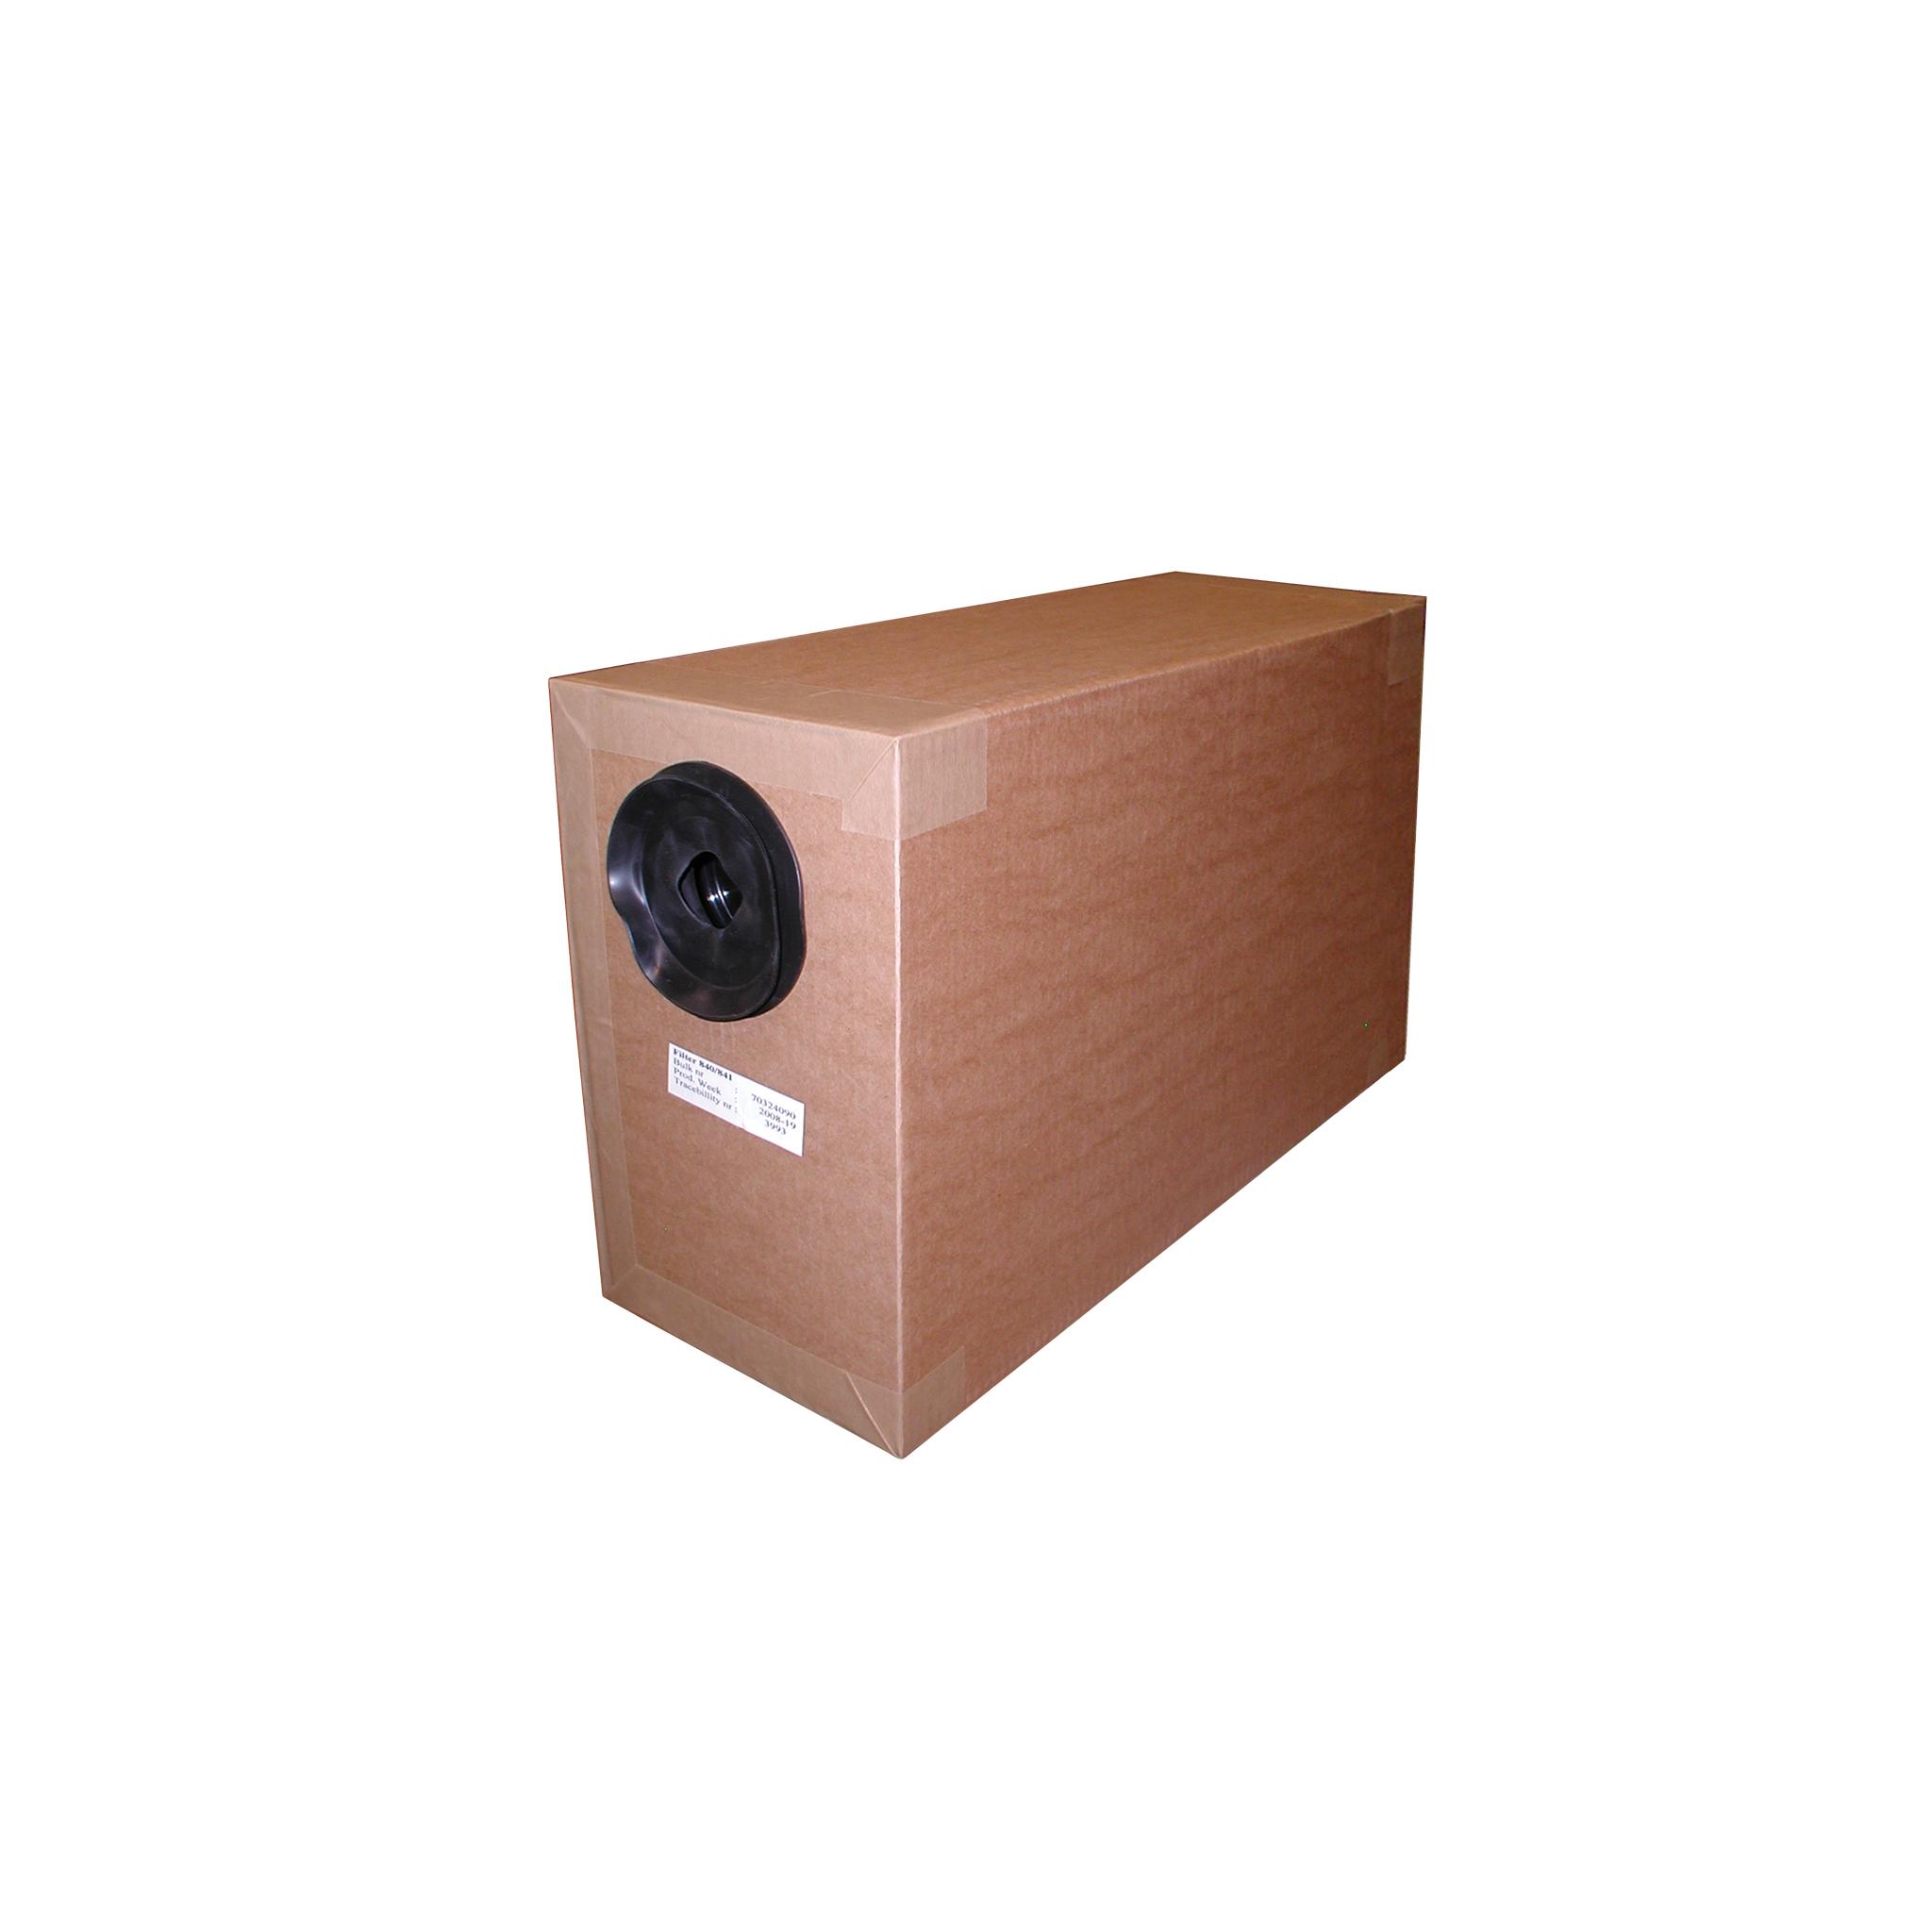 Filter FE-324 for FE-840